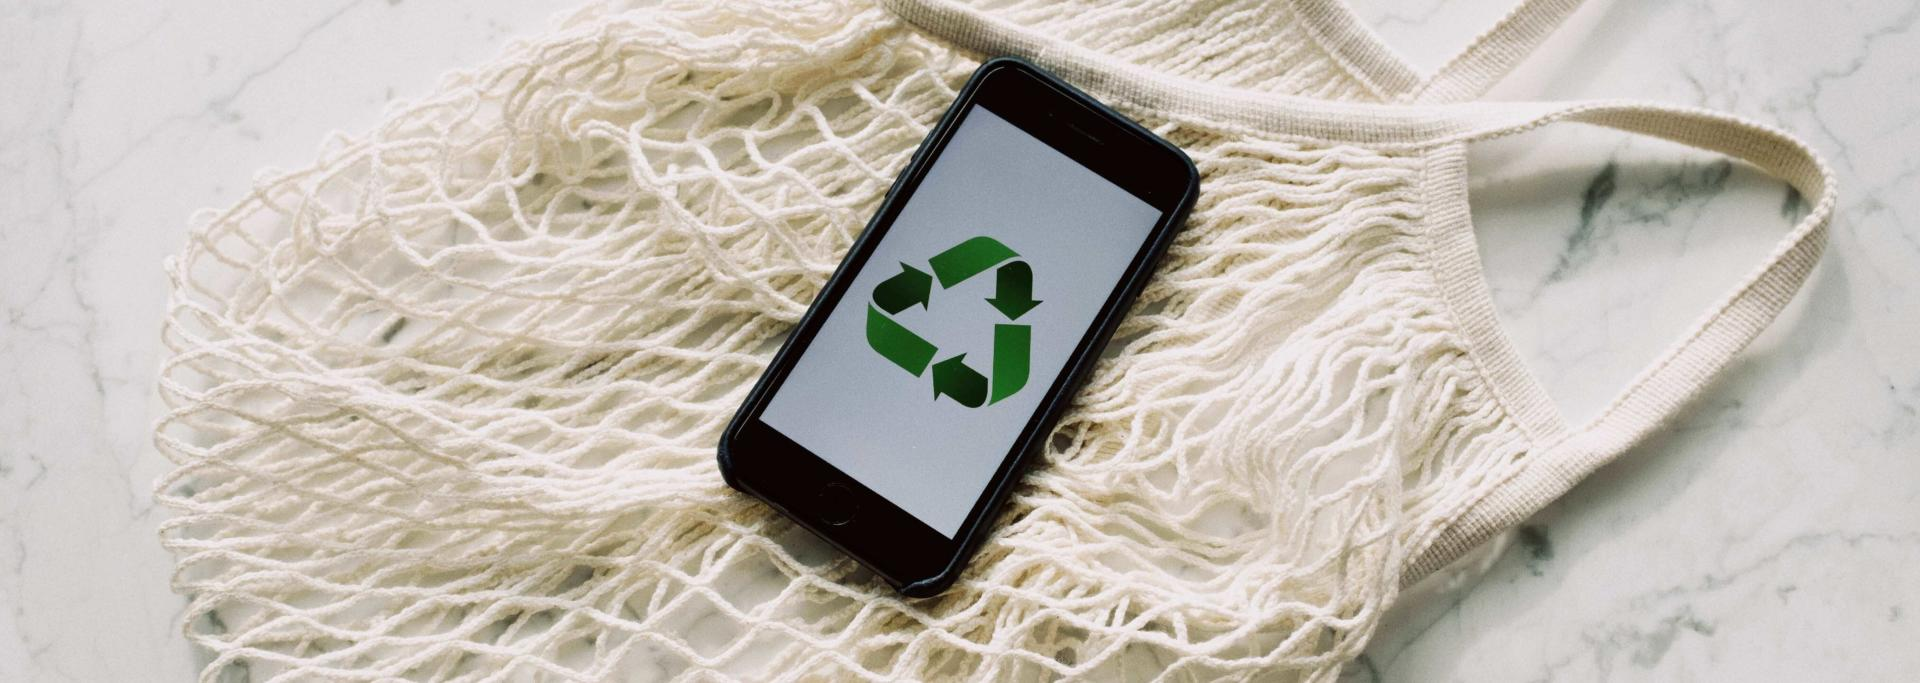 cahier réutilisable écolo